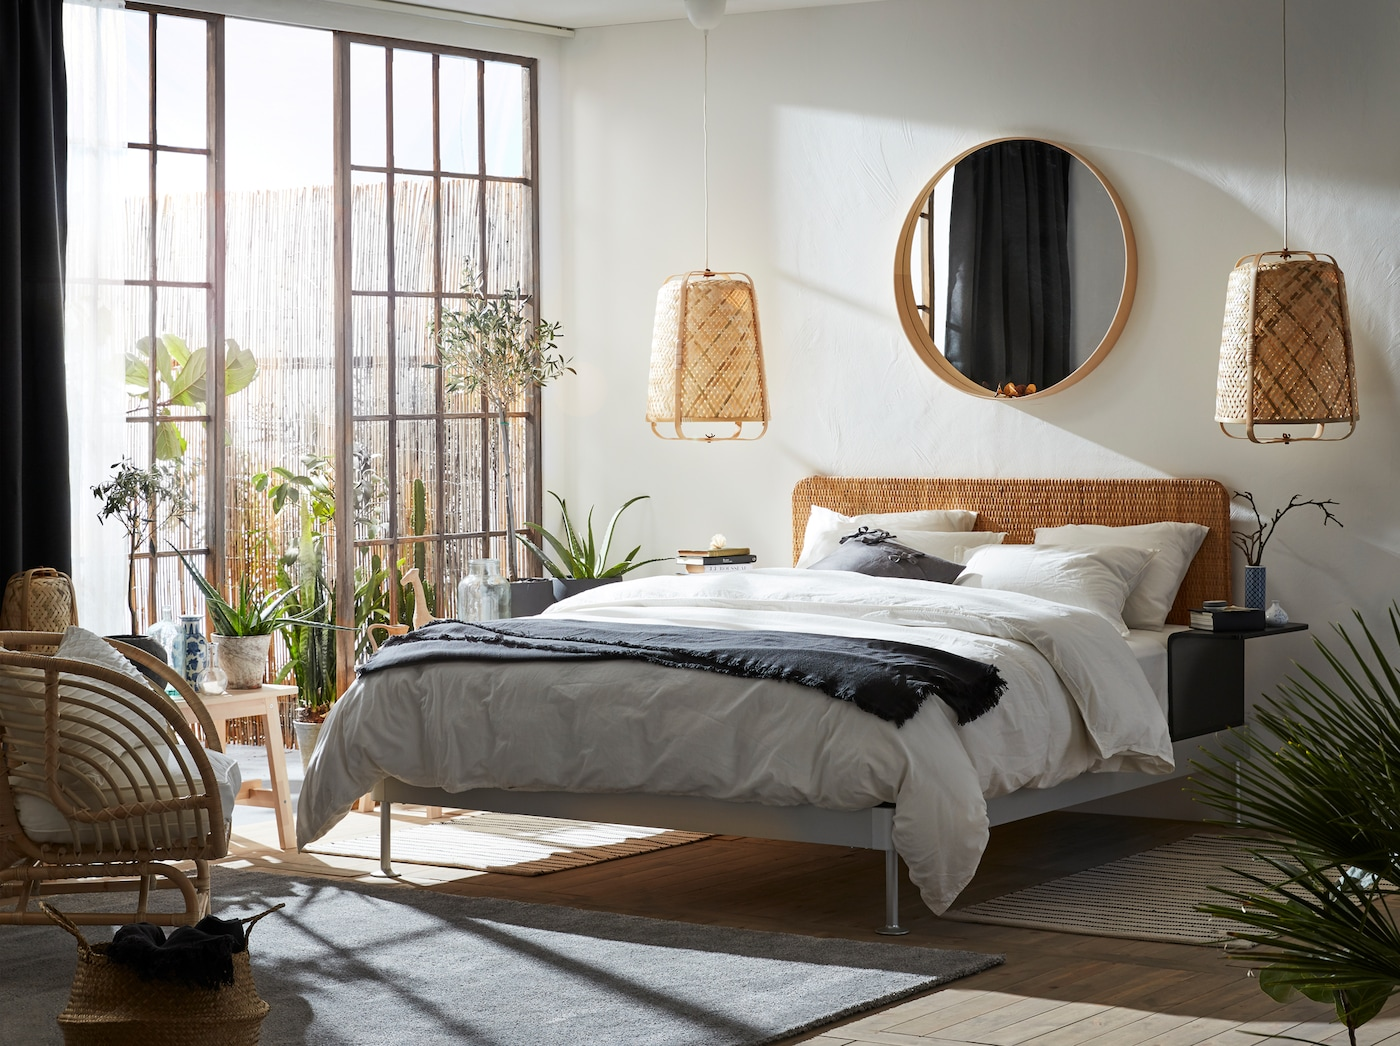 Een lichte slaapkamer met veel natuurlijke materialen, zoals rotan en bamboe.